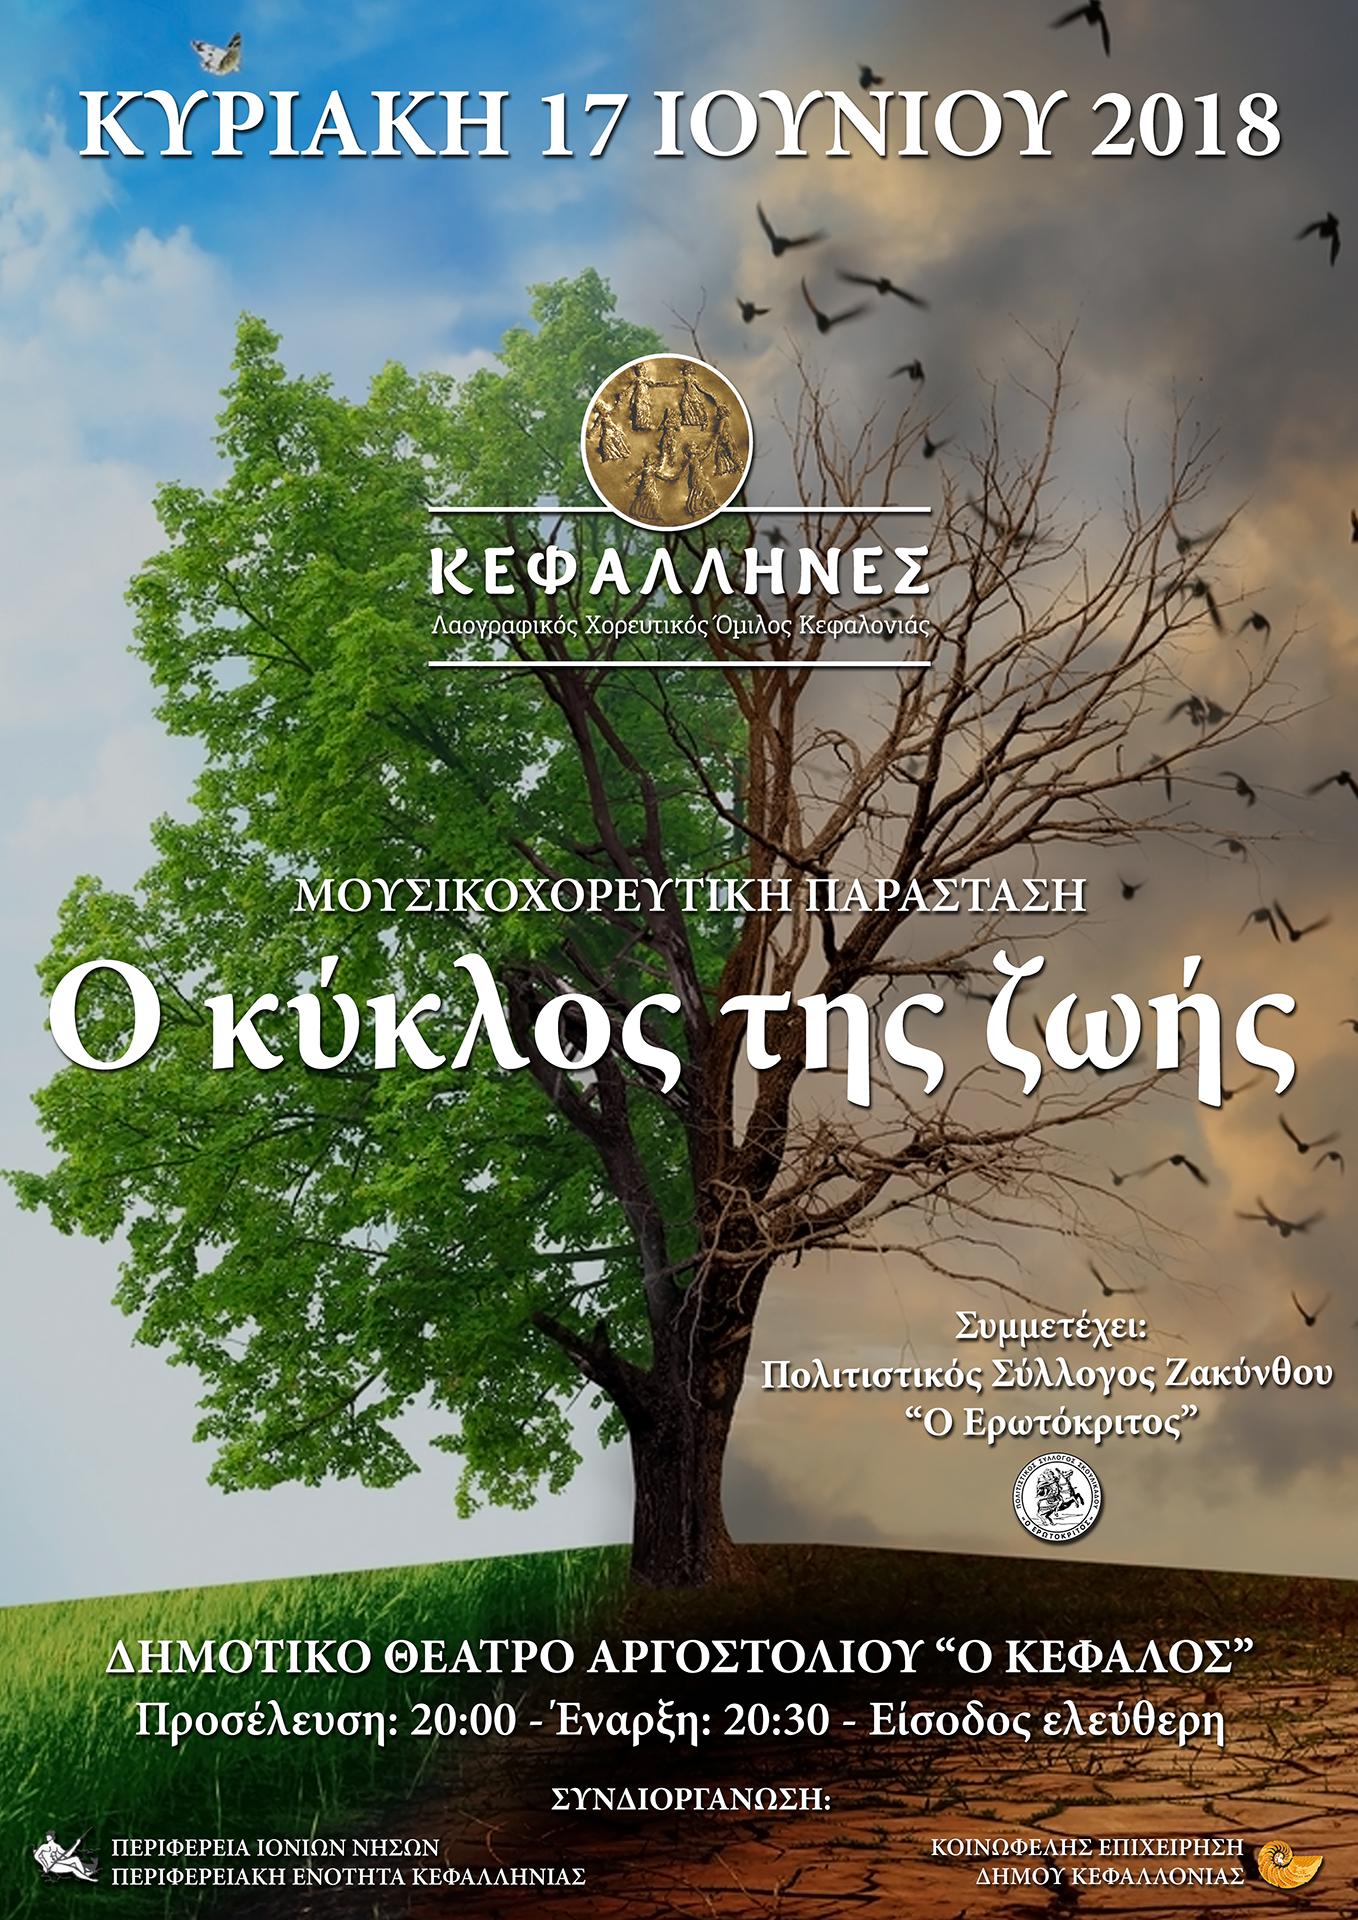 Kiklos Zois Afisa Kefallines 2018